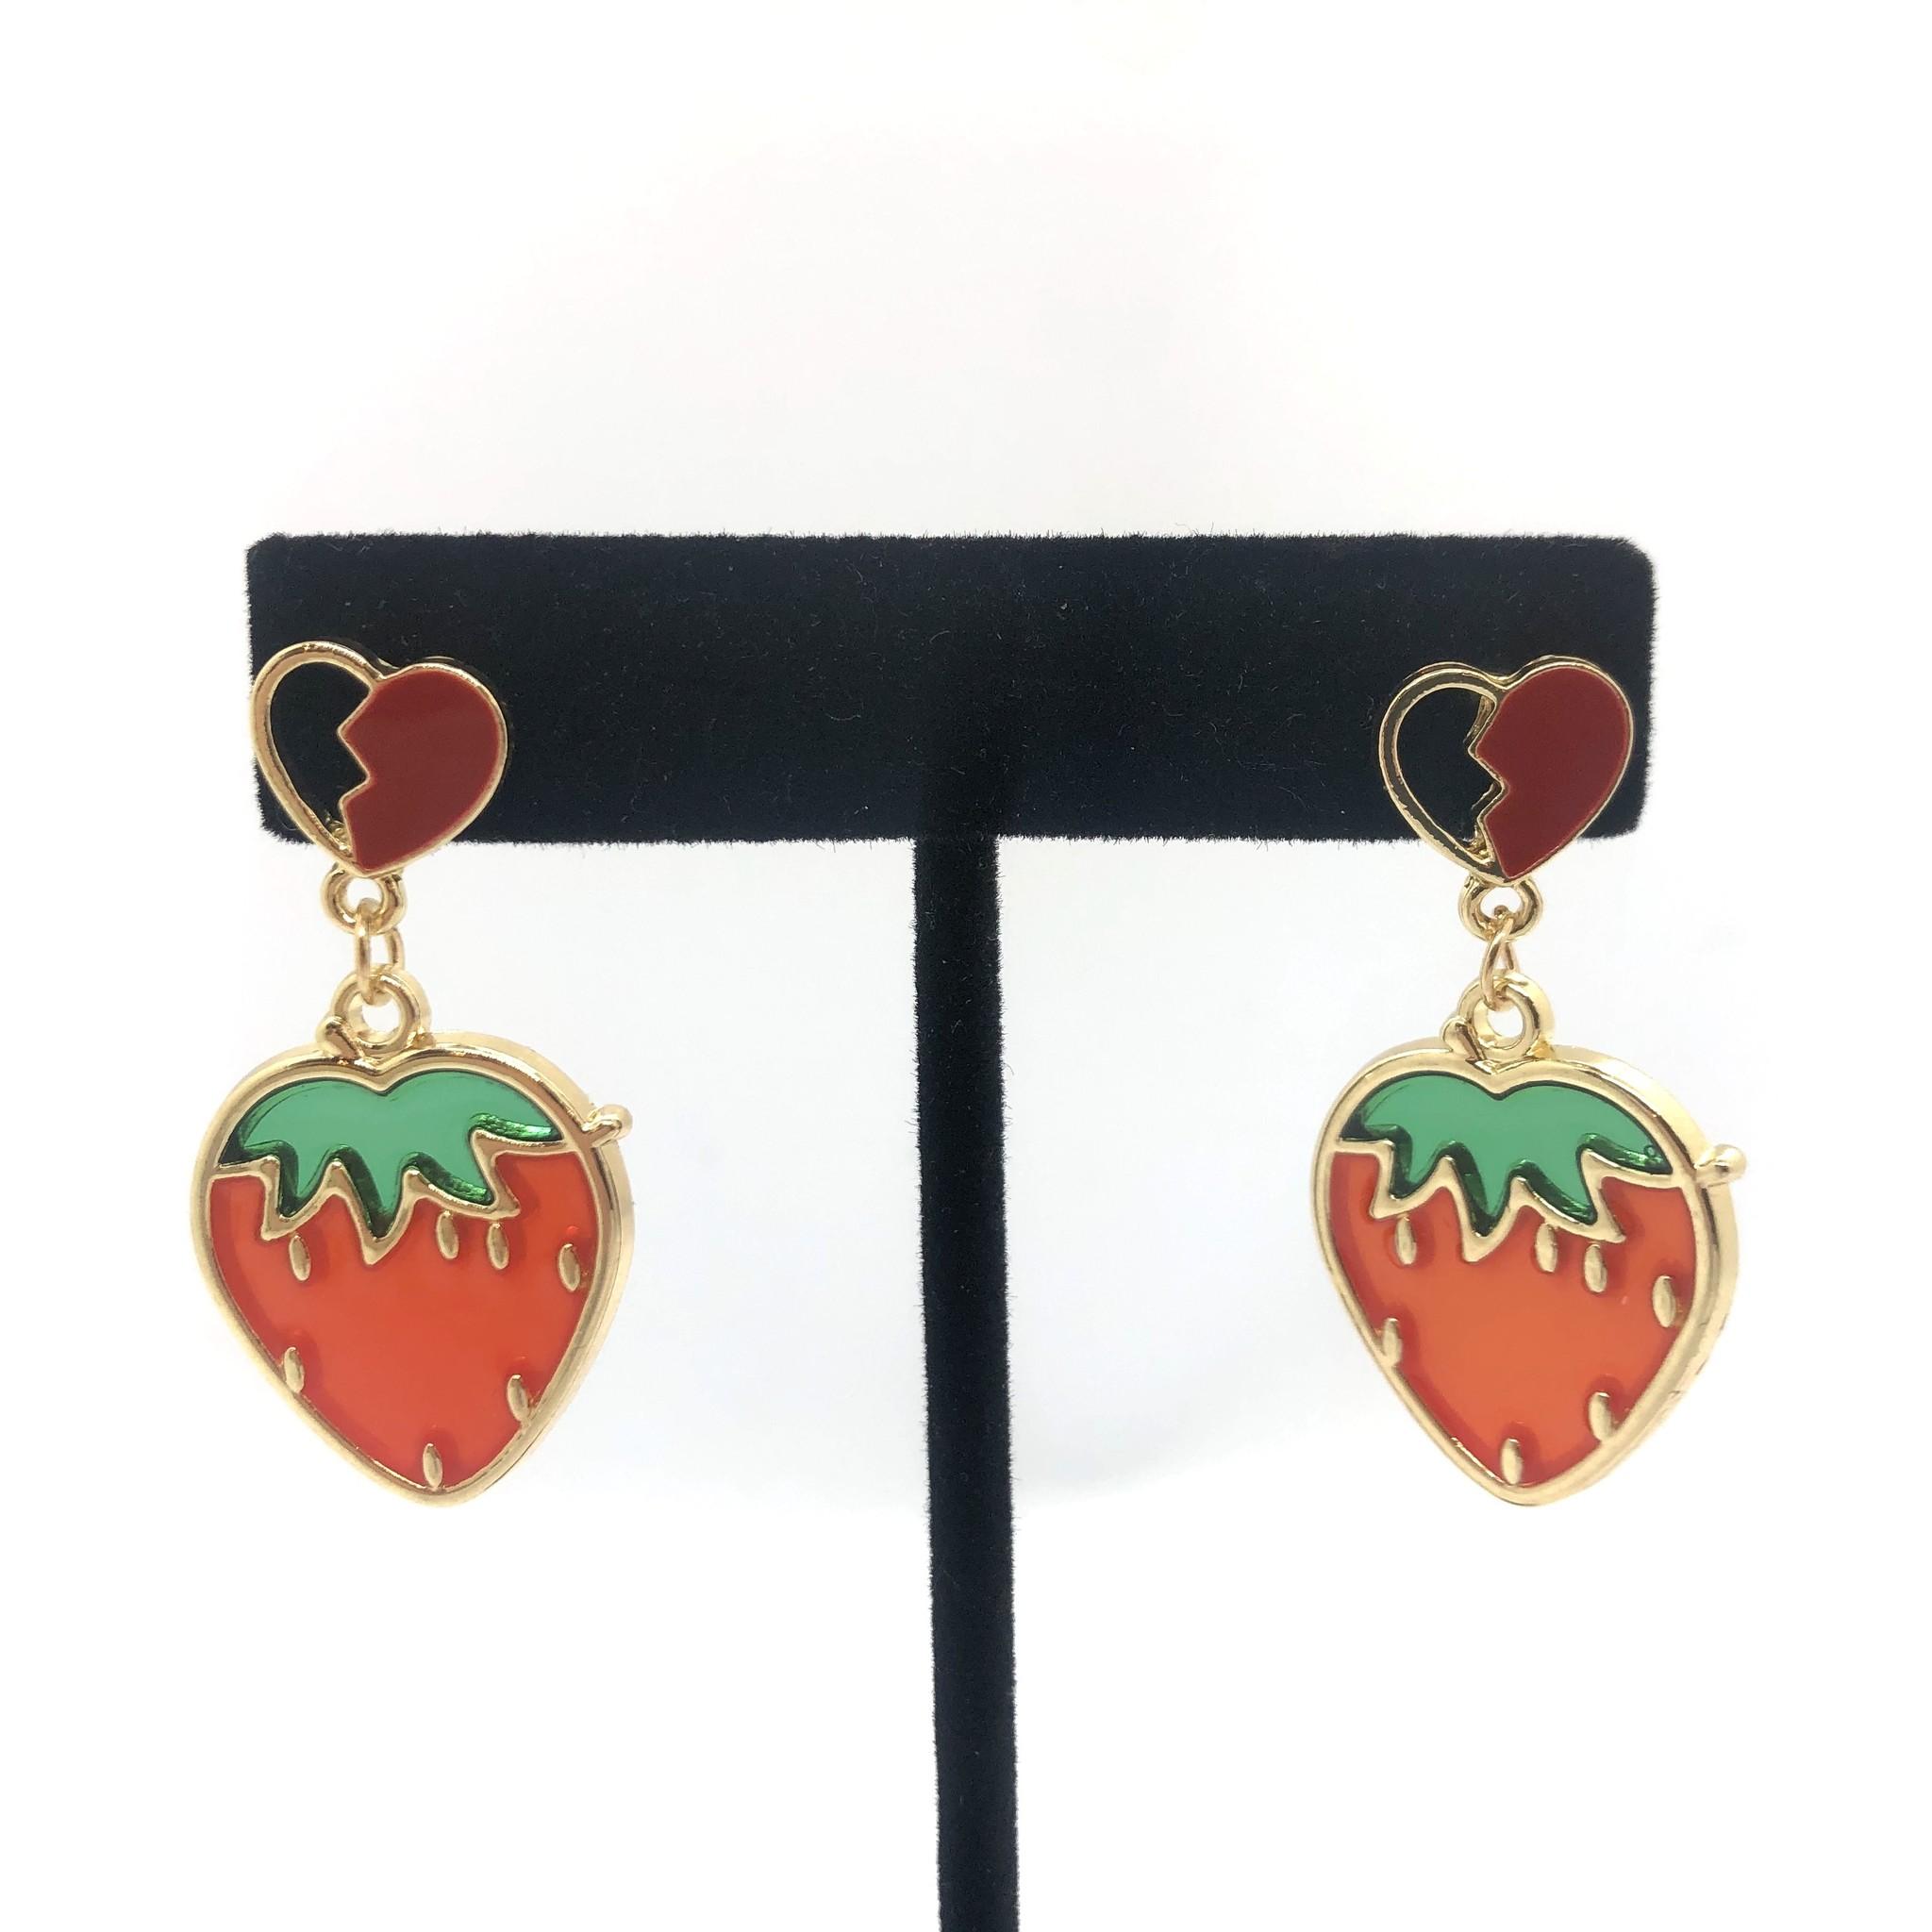 Sooley Designs Strawberry Hearts Earrings